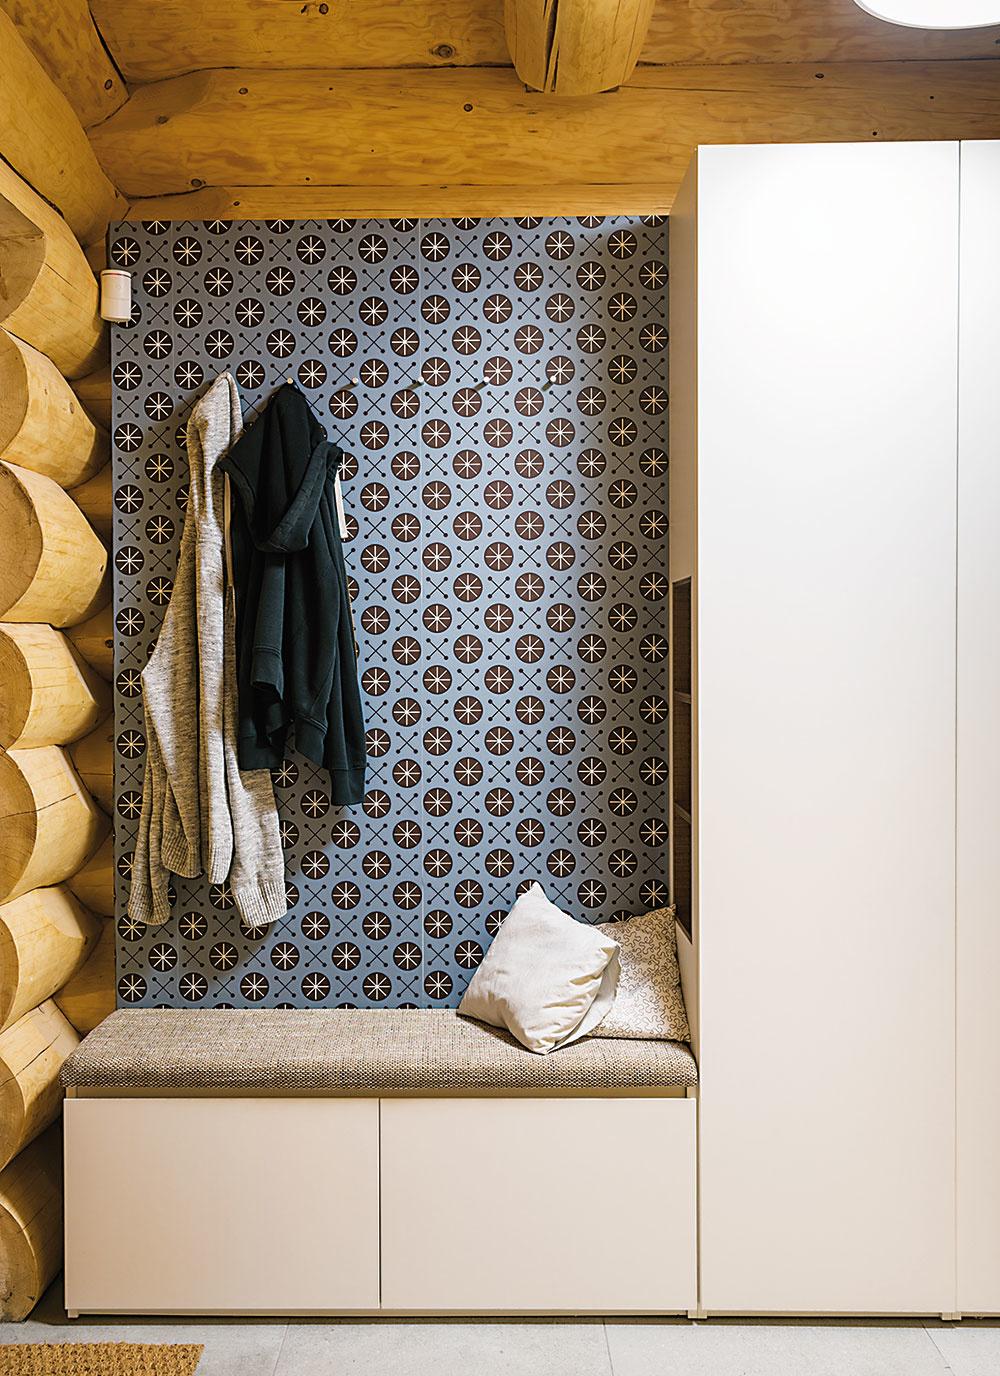 Sedenie ako priama súčasť nábytkovej zostavy je praktické, vkusné a vďaka čalúneniu aj pohodlné. Použitím uzavretých skriniek pôsobí toto riešenie z dielne tandemu pavlech : : paulišin architekti naozaj čisto, praktickým spestrením sú bočné zabudované poličky.